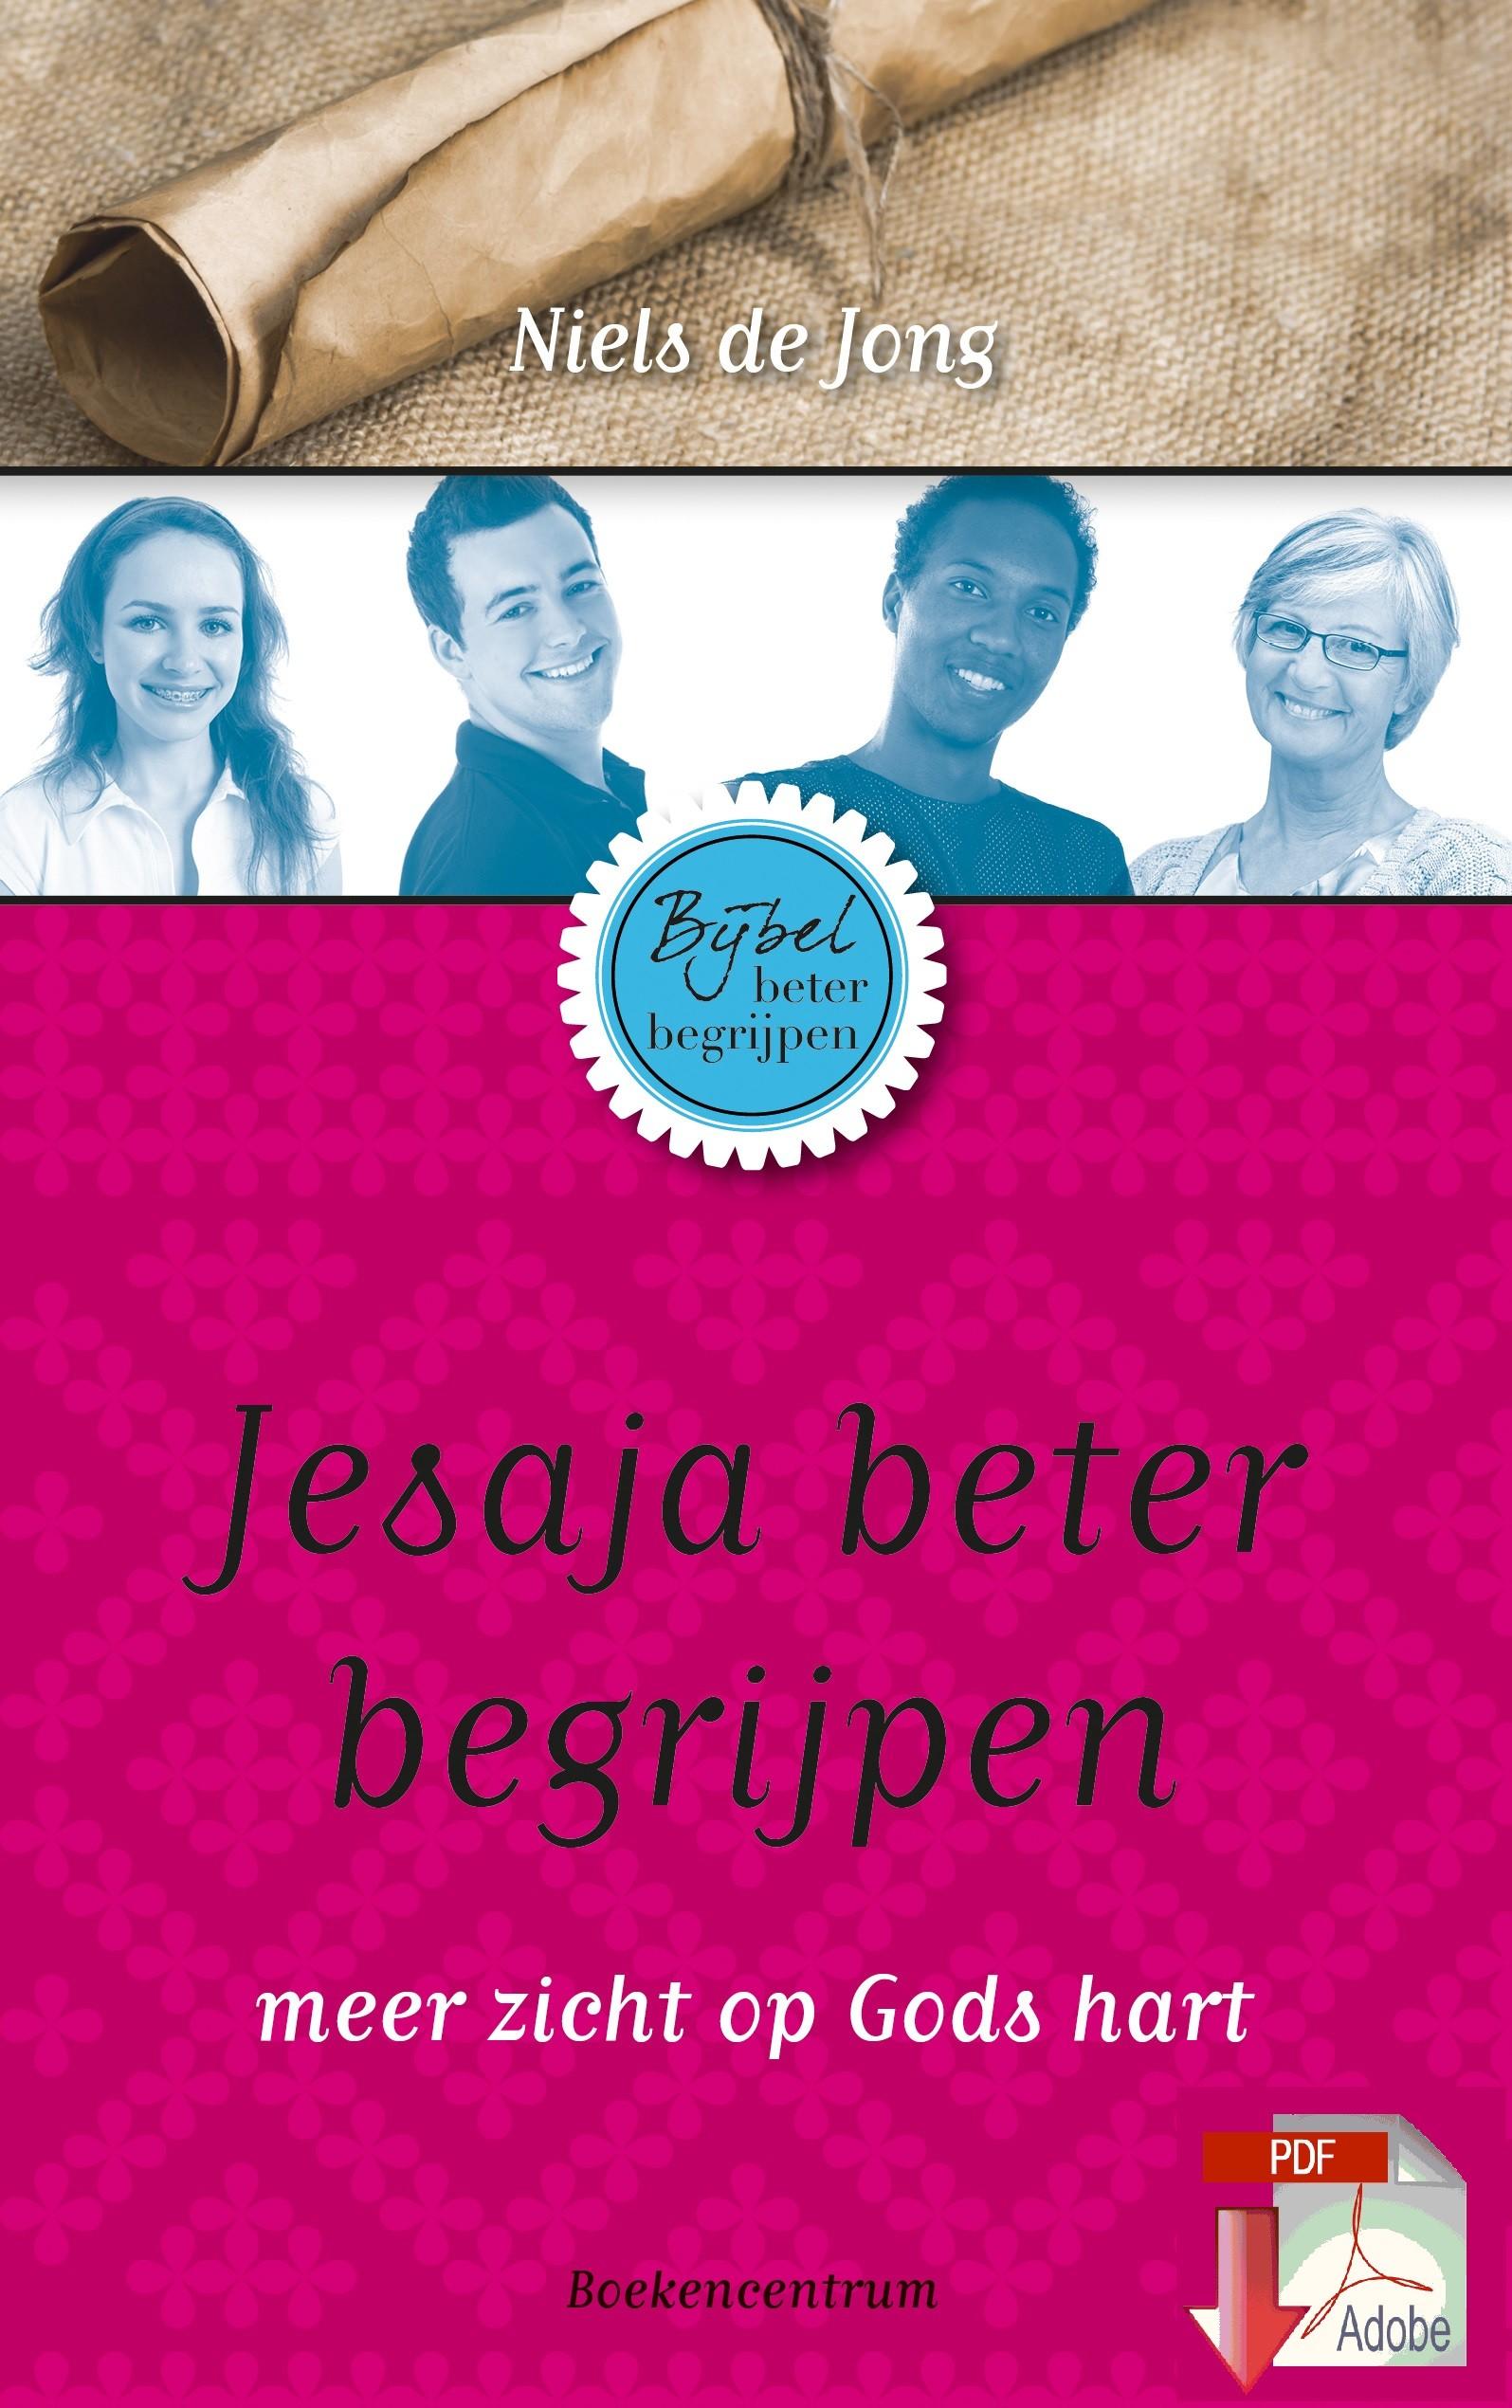 Het boek Jesaja beter begrijpen van Niels de Jong